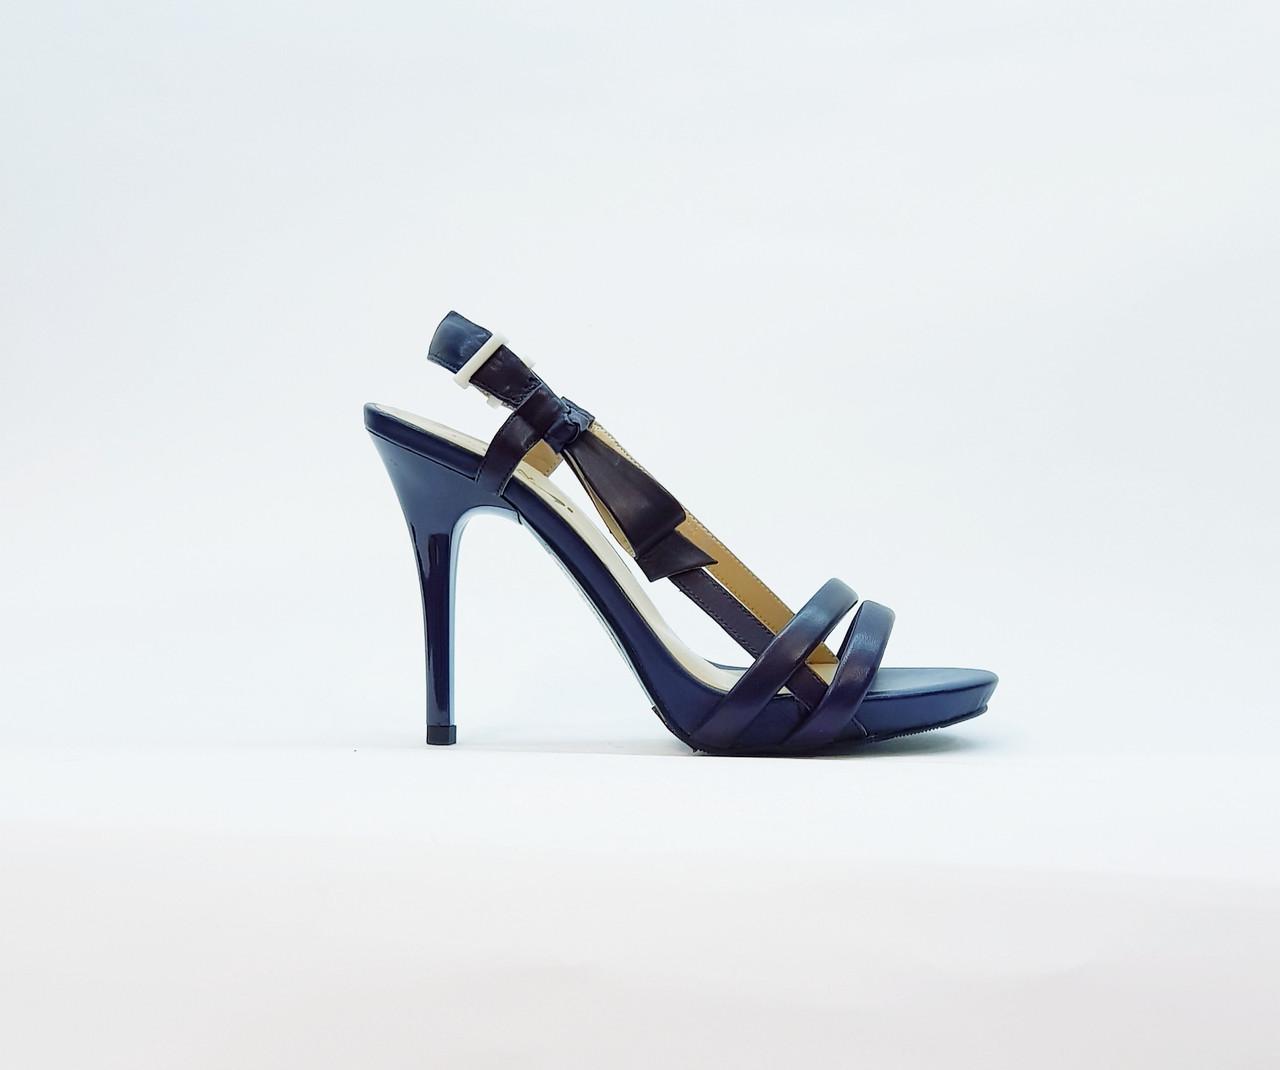 Босоножки женские из натуральной кожи на высоком каблуке шпилька синие